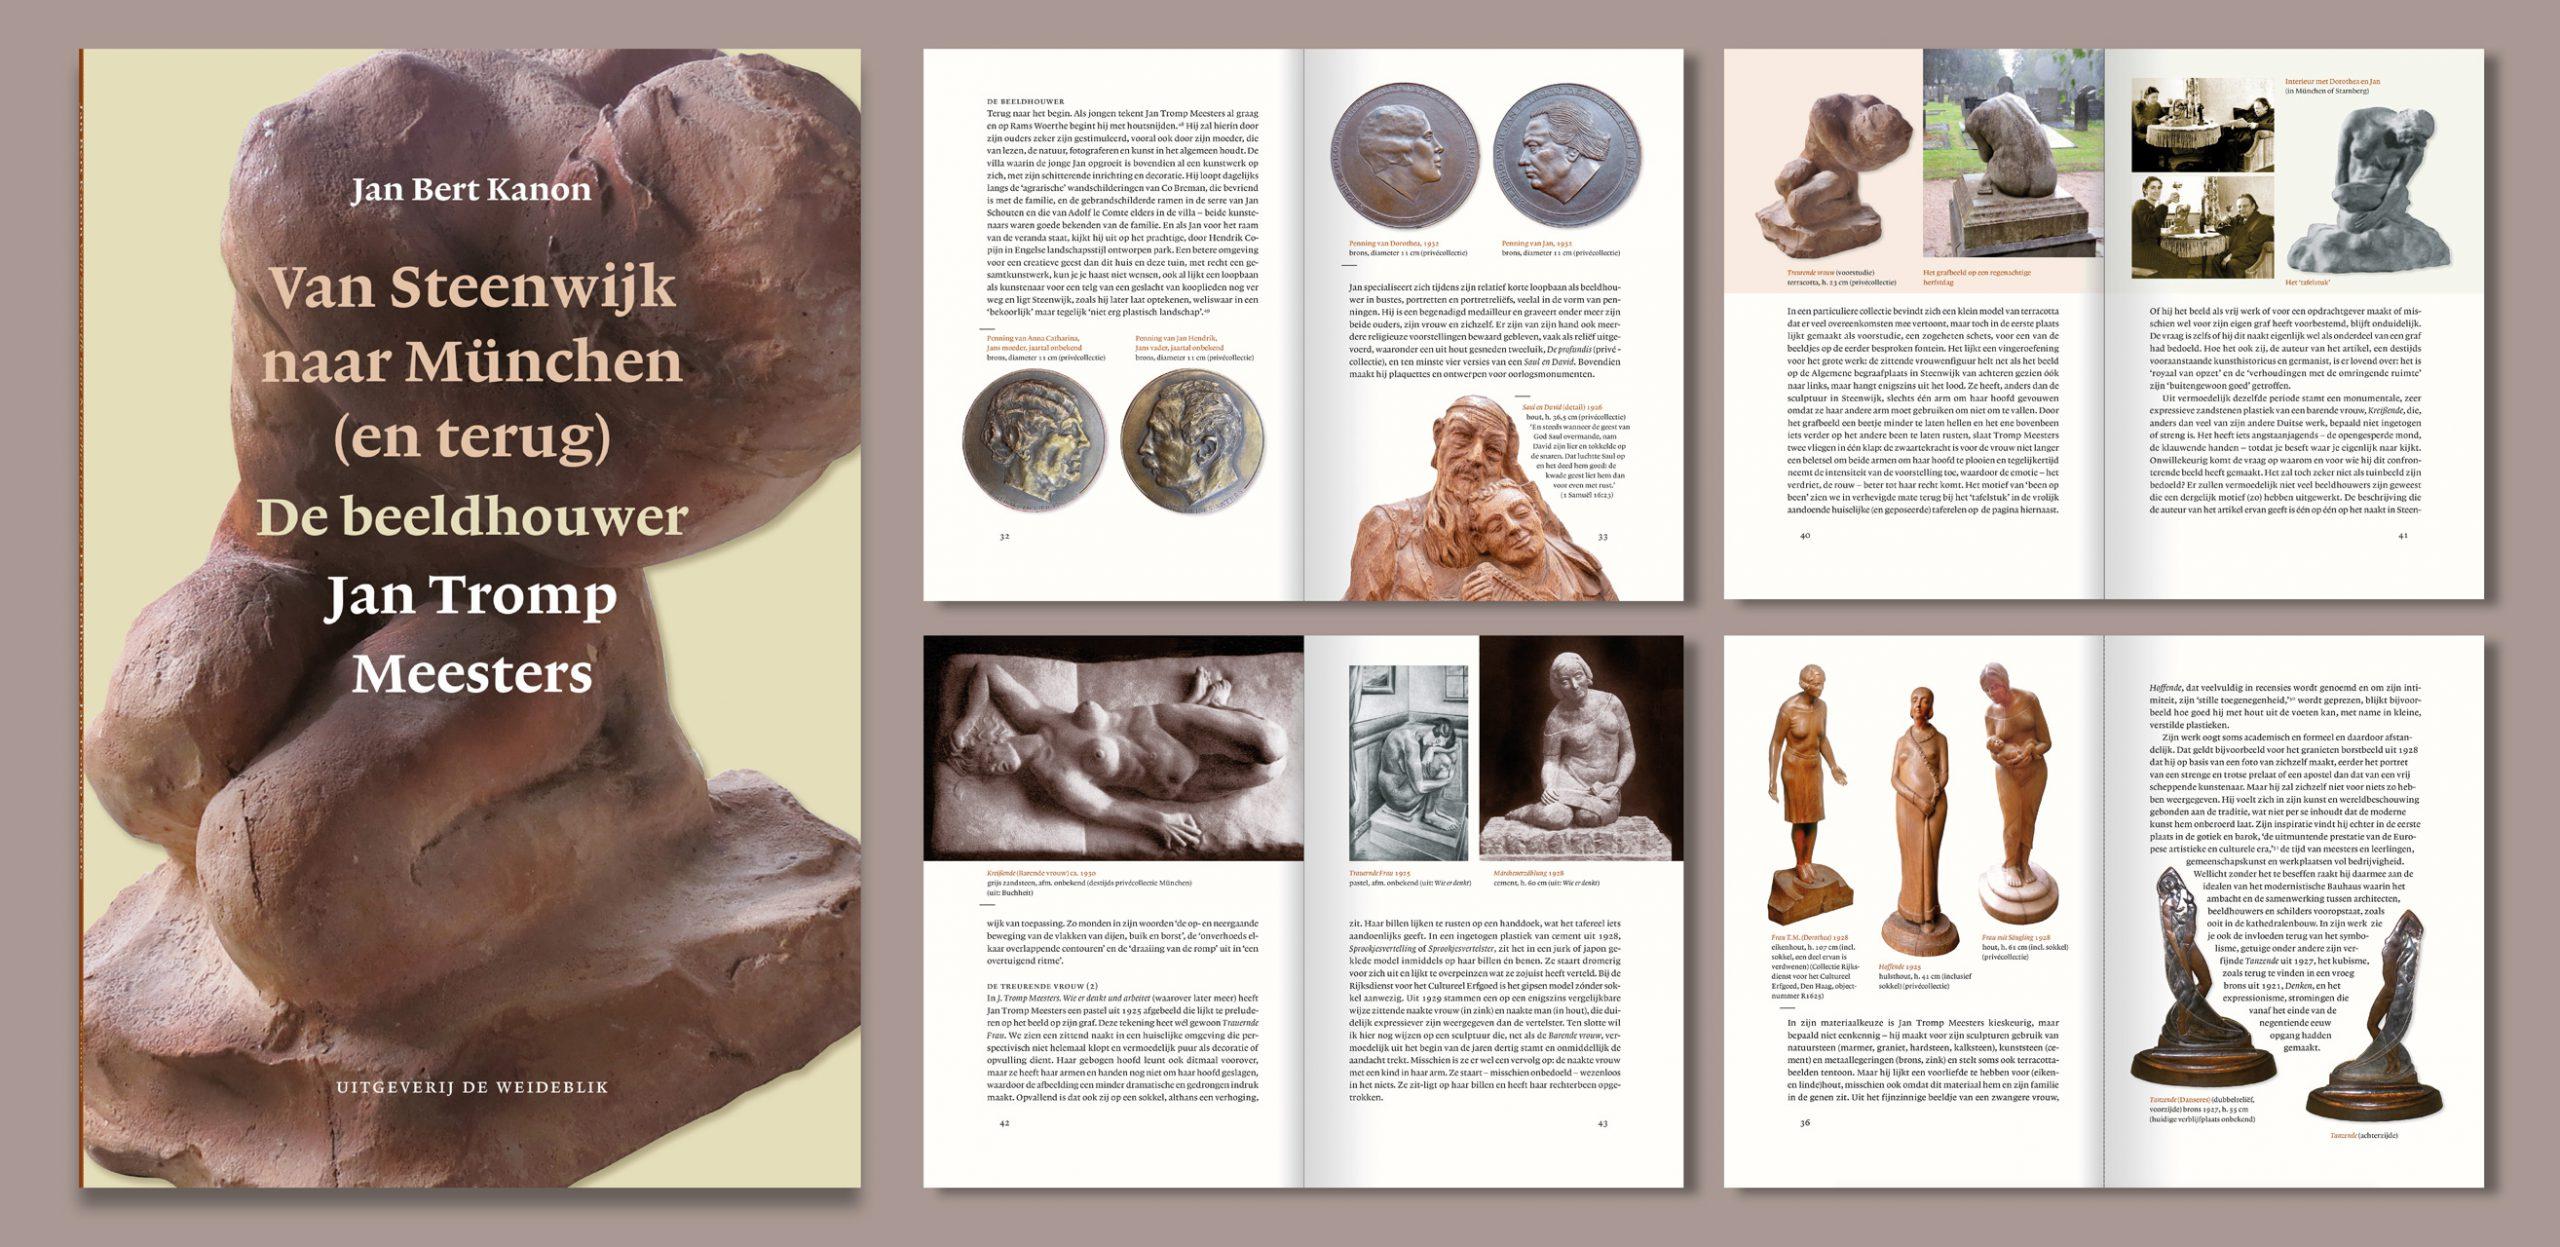 Onbekende beeldhouwer in Steenwijk ontdekt